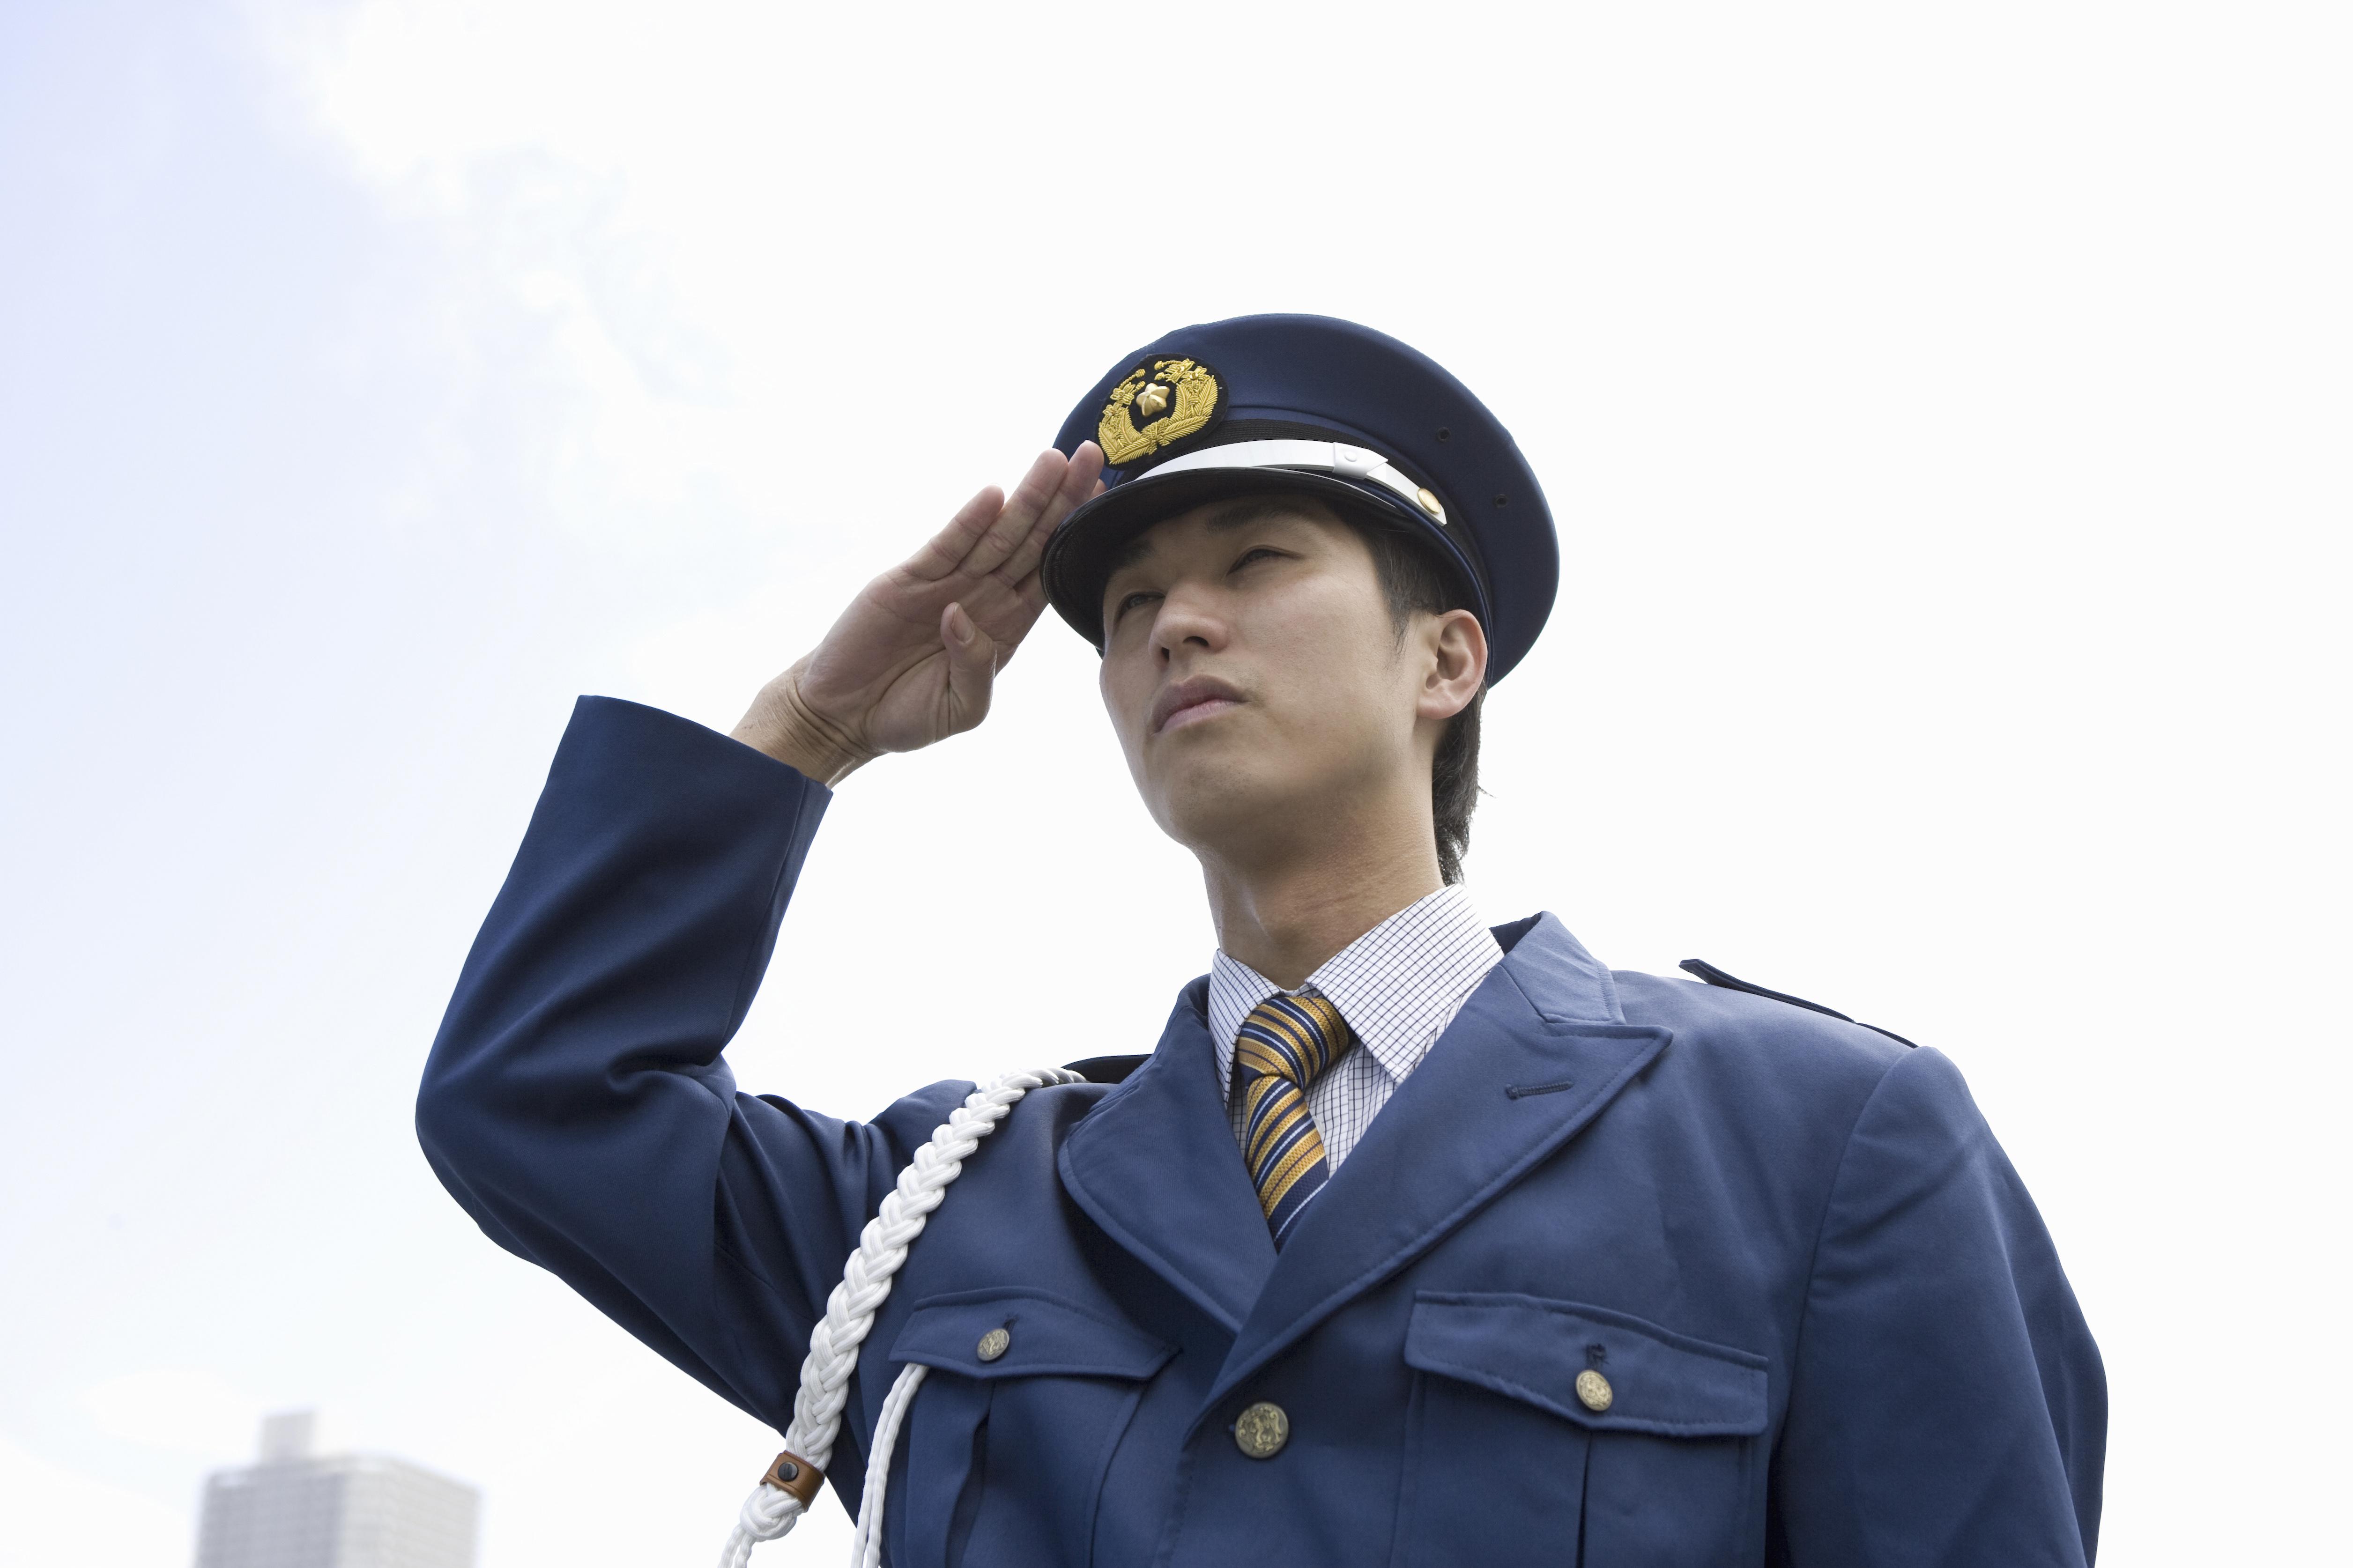 【求人 大募集】交通誘導警備・警備員  │横浜市神奈川区